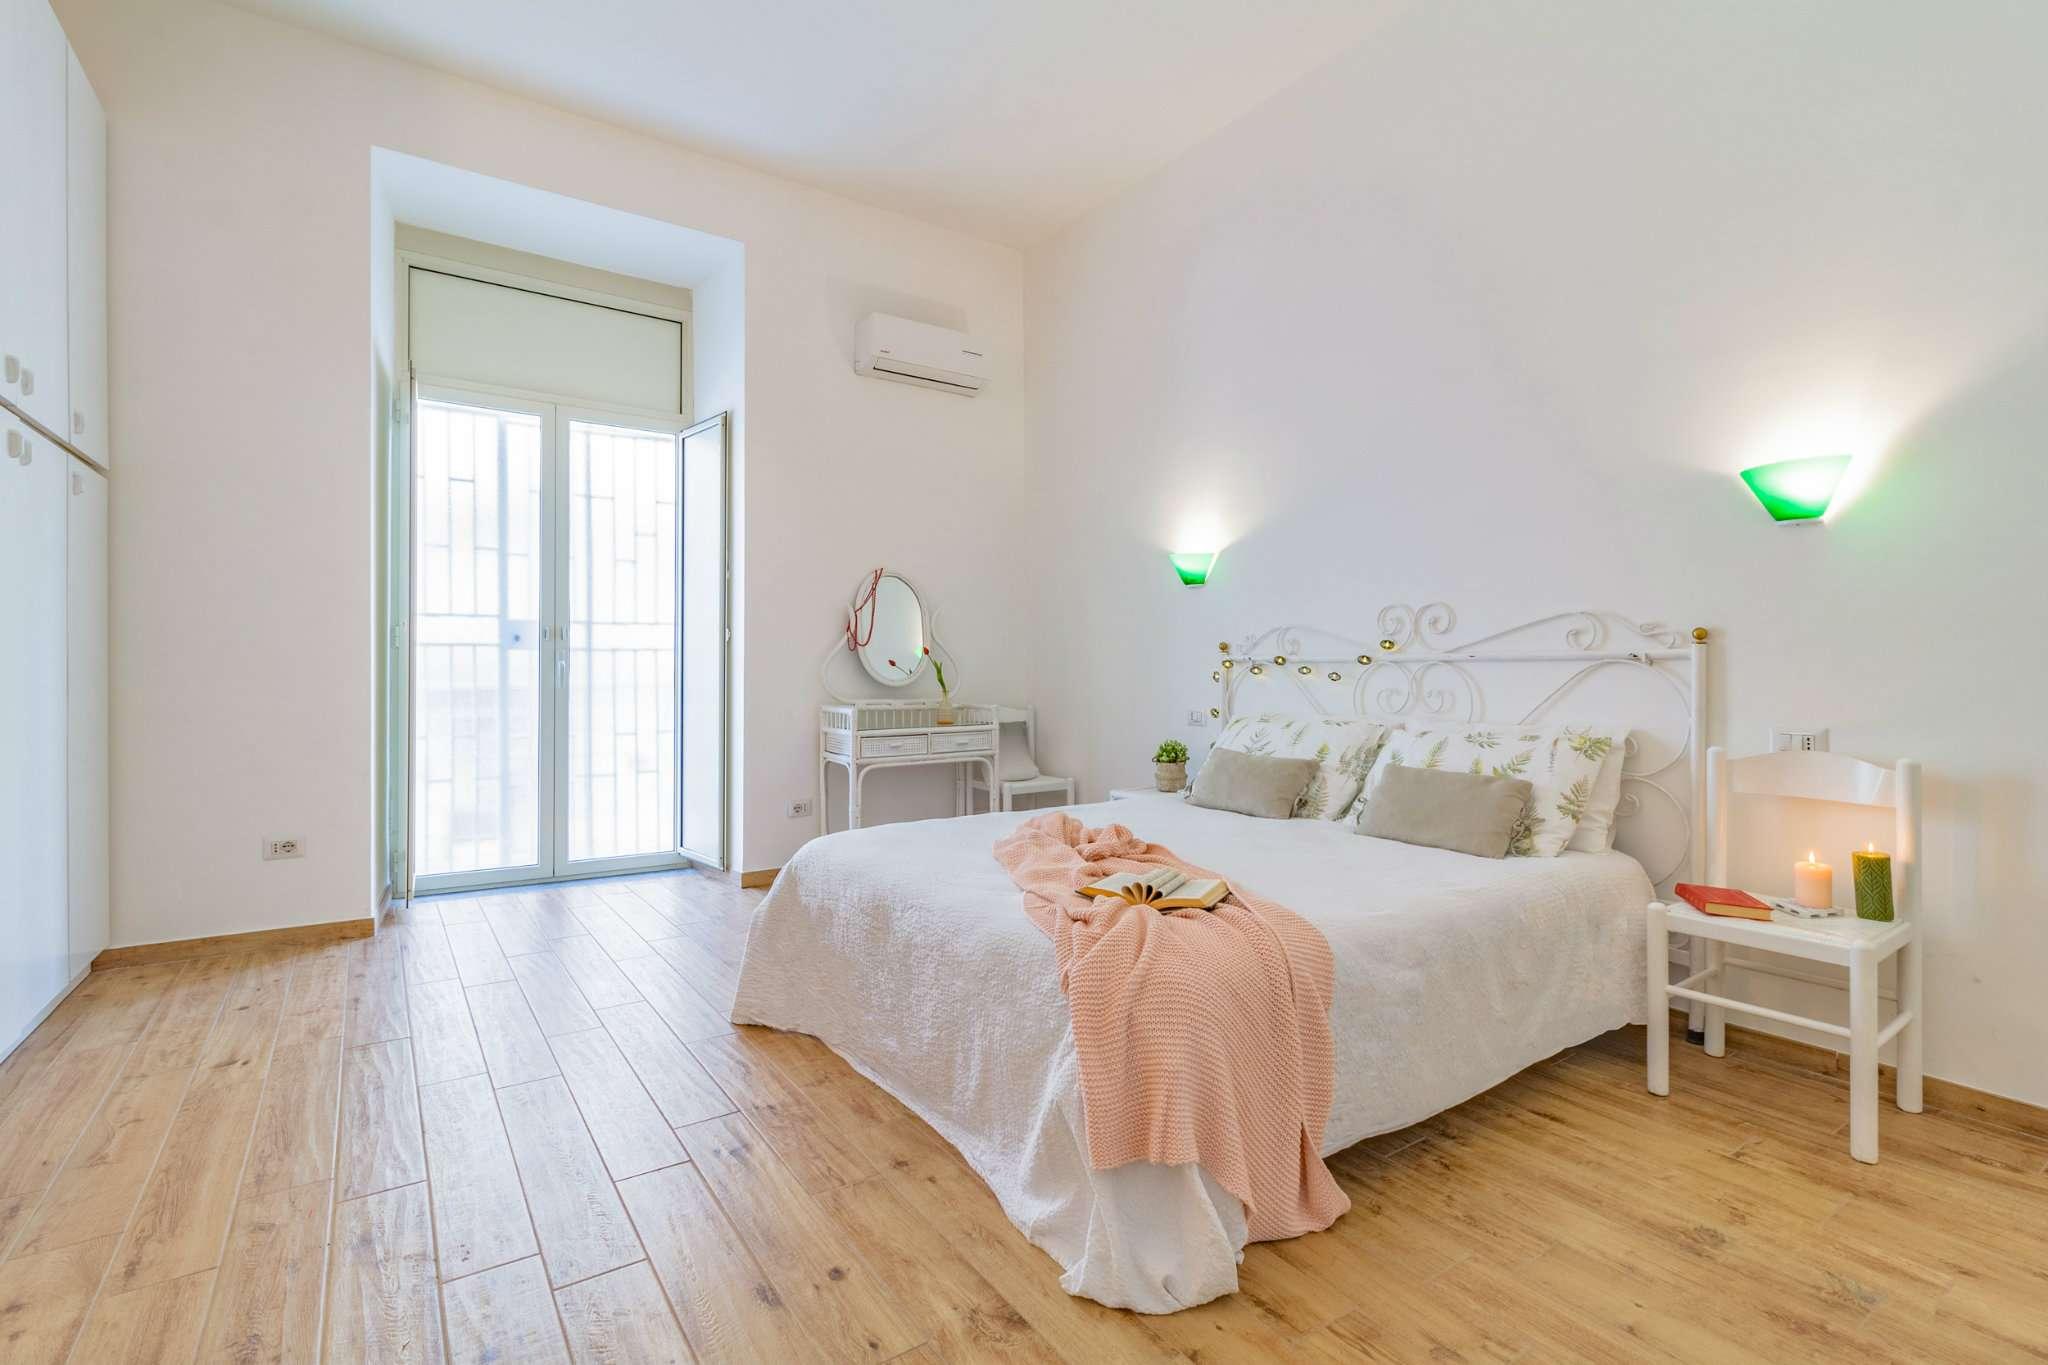 Appartamento in vendita a Napoli, 2 locali, zona Zona: 4 . San Lorenzo, Vicaria, Poggioreale, Zona Industriale, Centro Direzionale, prezzo € 175.000   CambioCasa.it